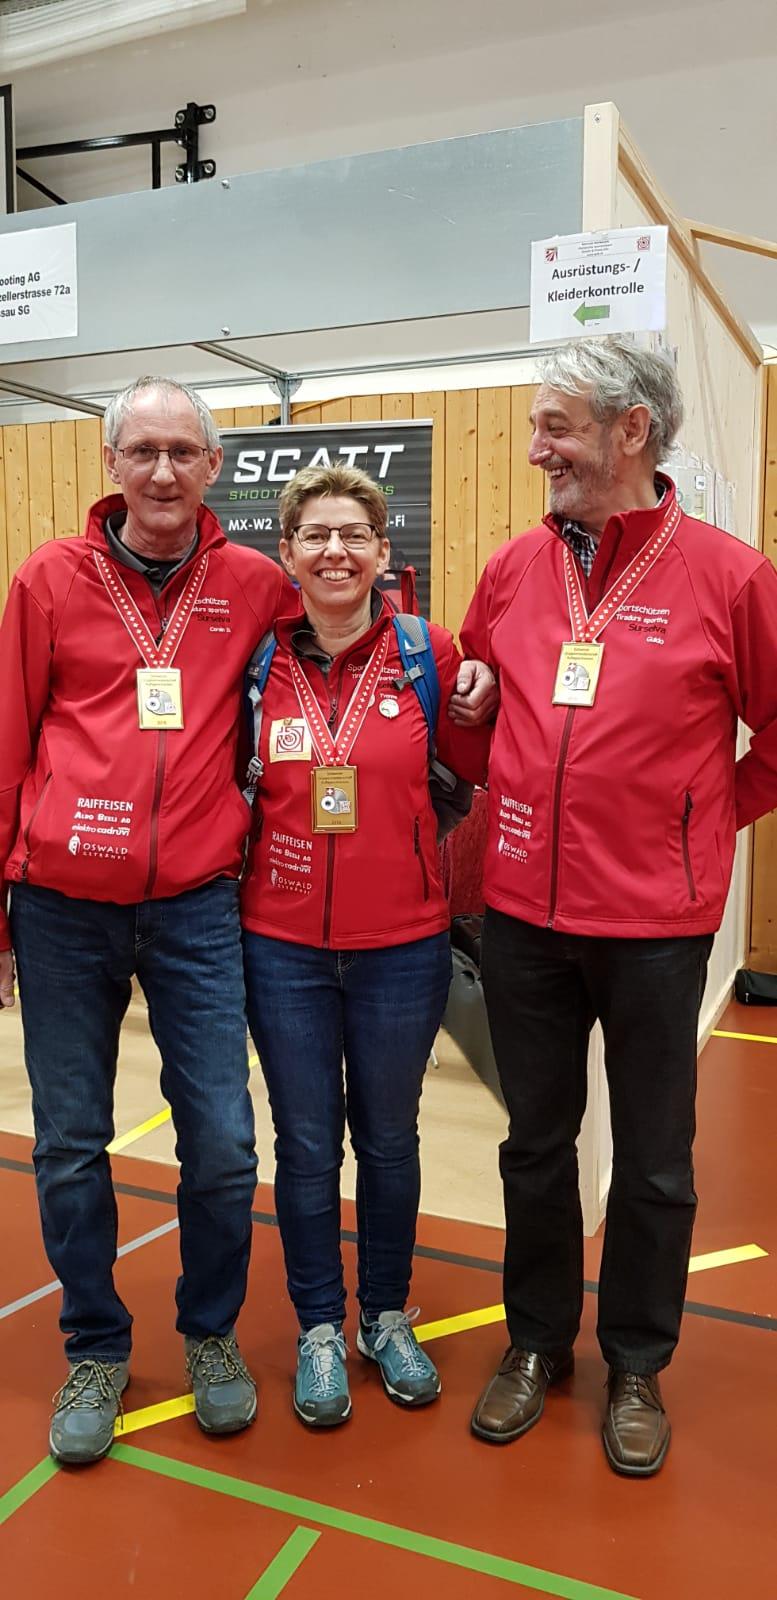 Schweizer Meisterschaft  Auflageschiessen 2019 4.  Titel mit der Gruppe